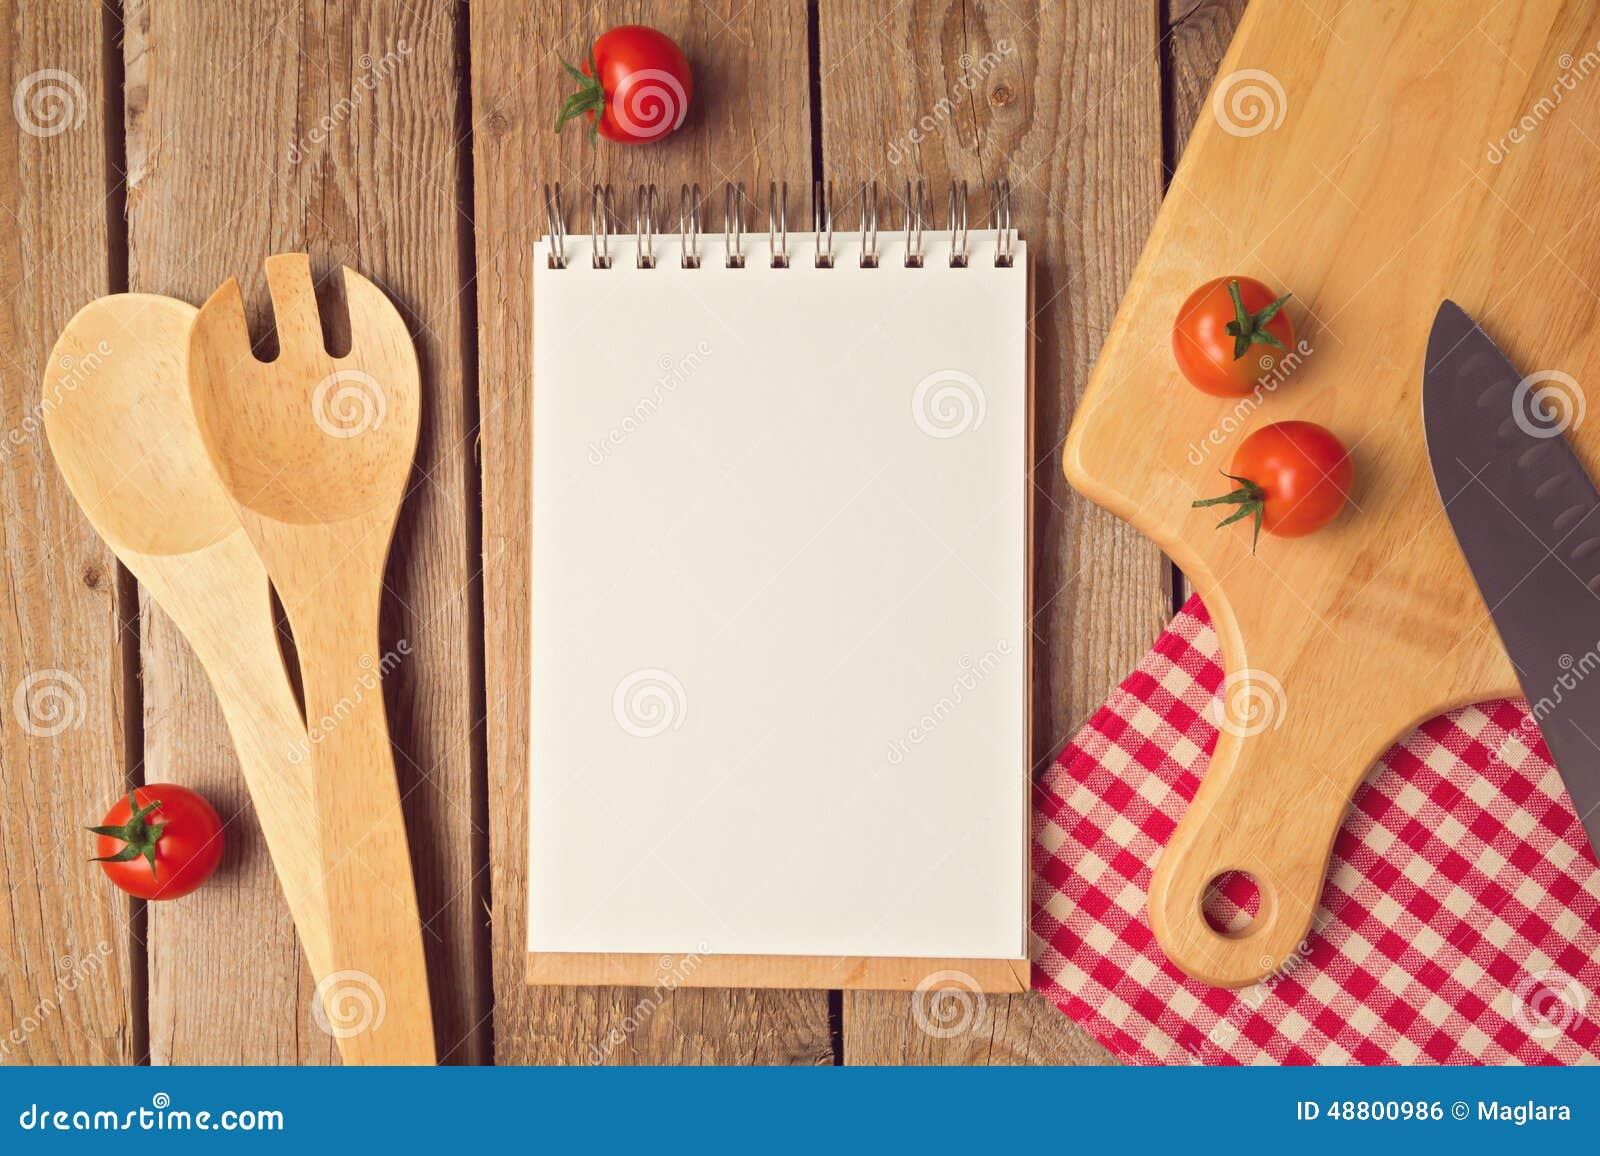 Bloc notes avec l 39 espace vide avec la batterie de cuisine - La batterie de cuisine ...